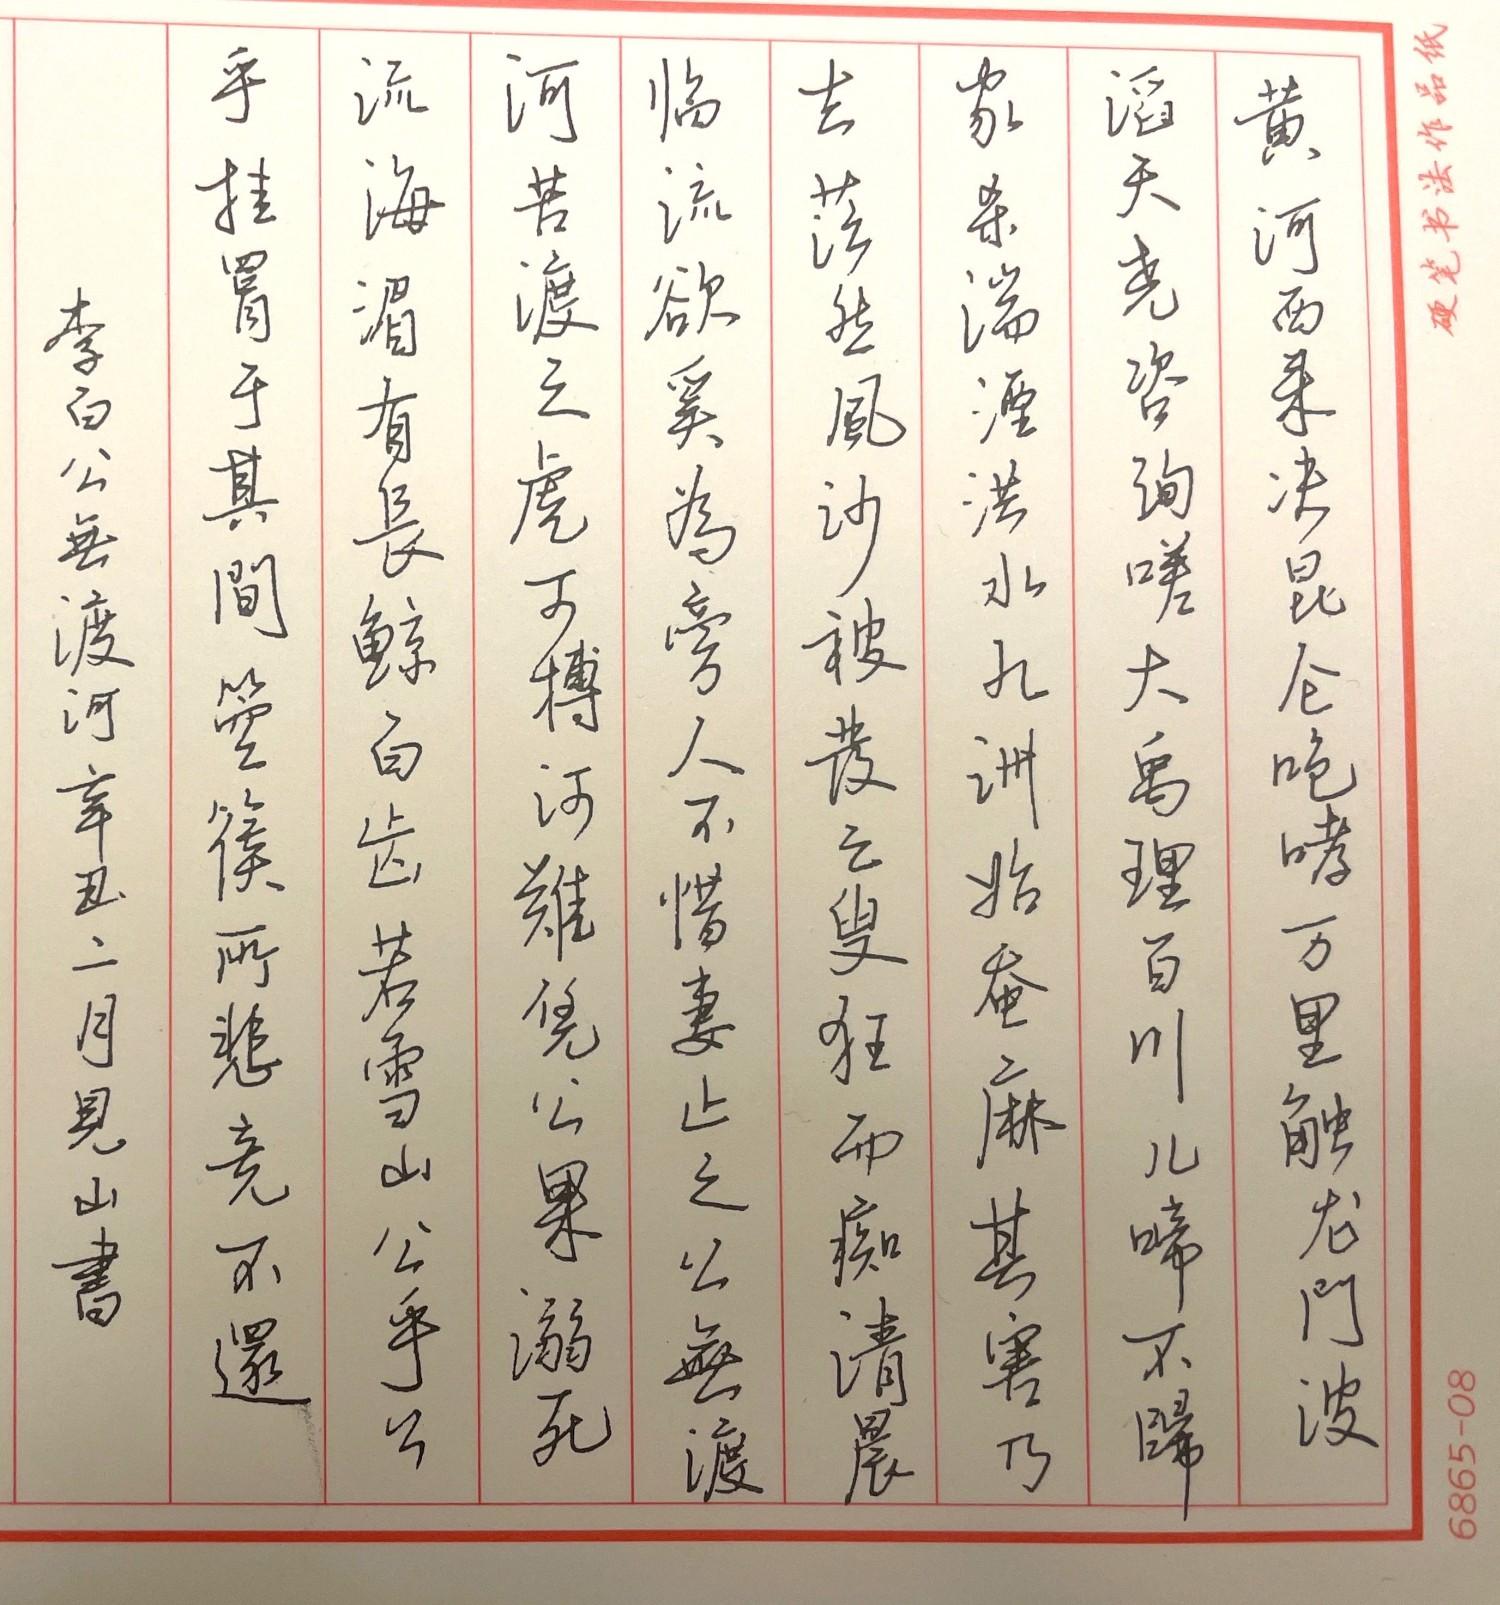 钢笔爱好者练字打卡20210406-19